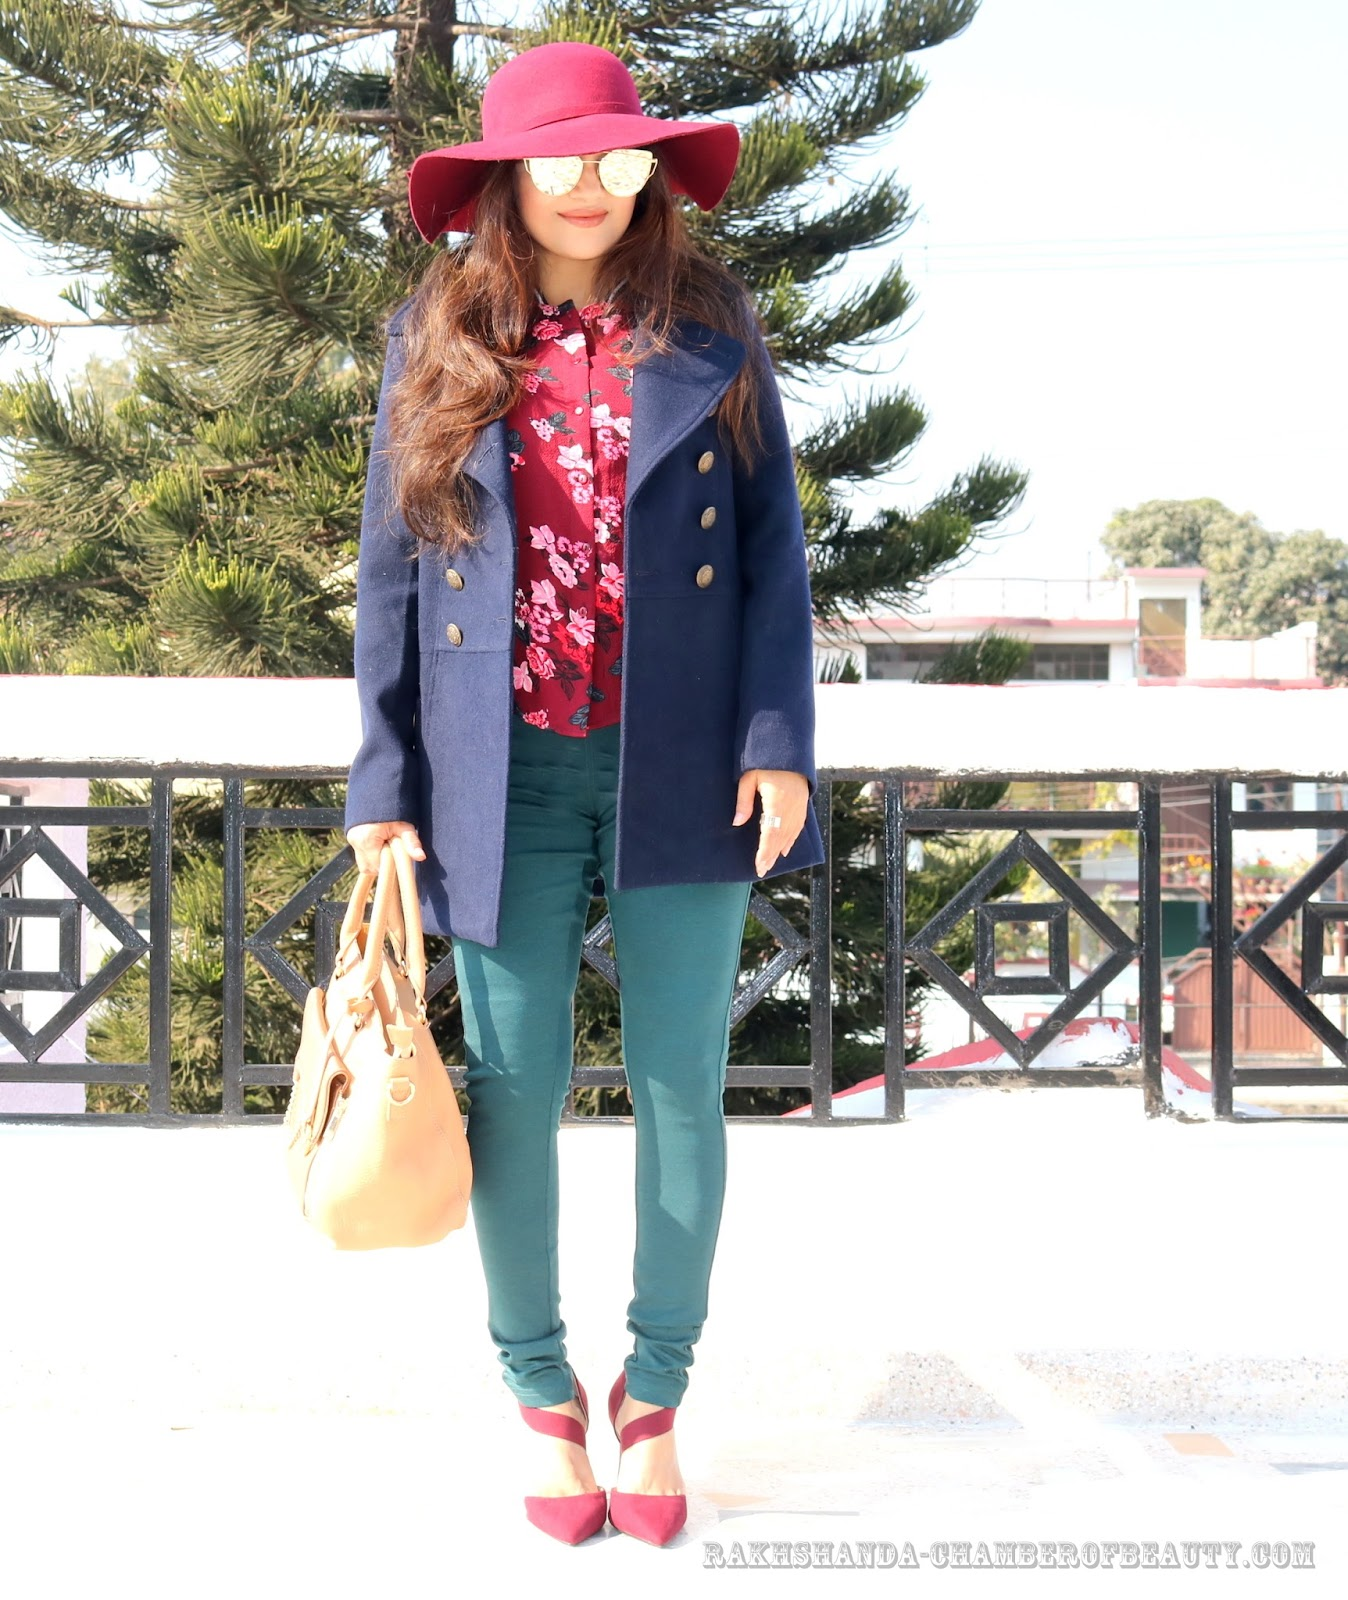 rakhshanda-chamberofbeauty/Max fashion/how to style printed shirt in winter